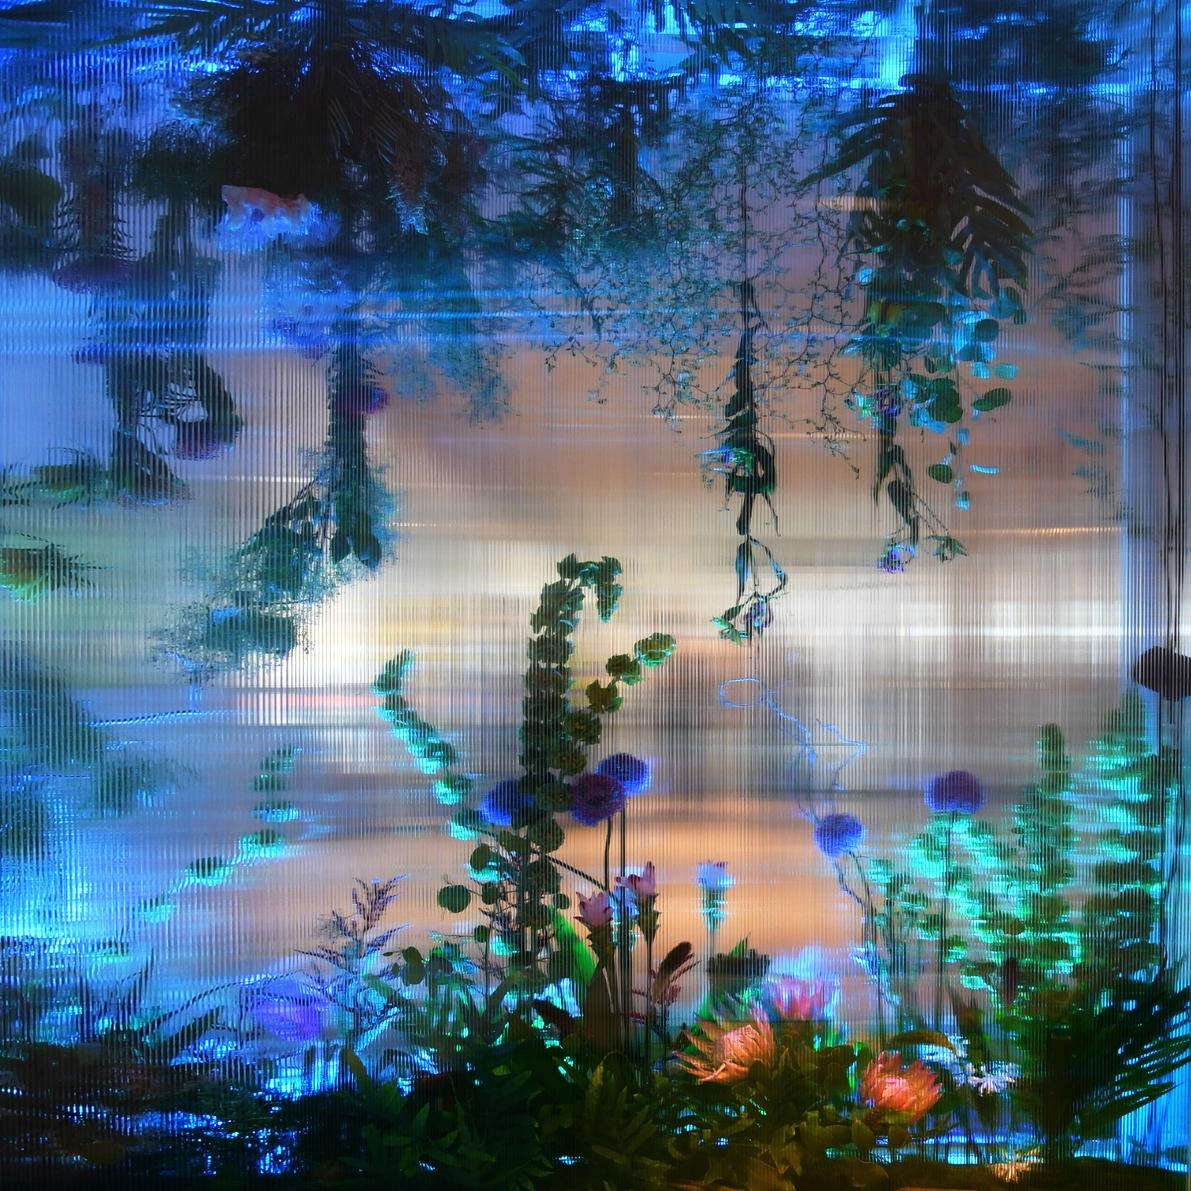 Floral Aquarium for BAFTA